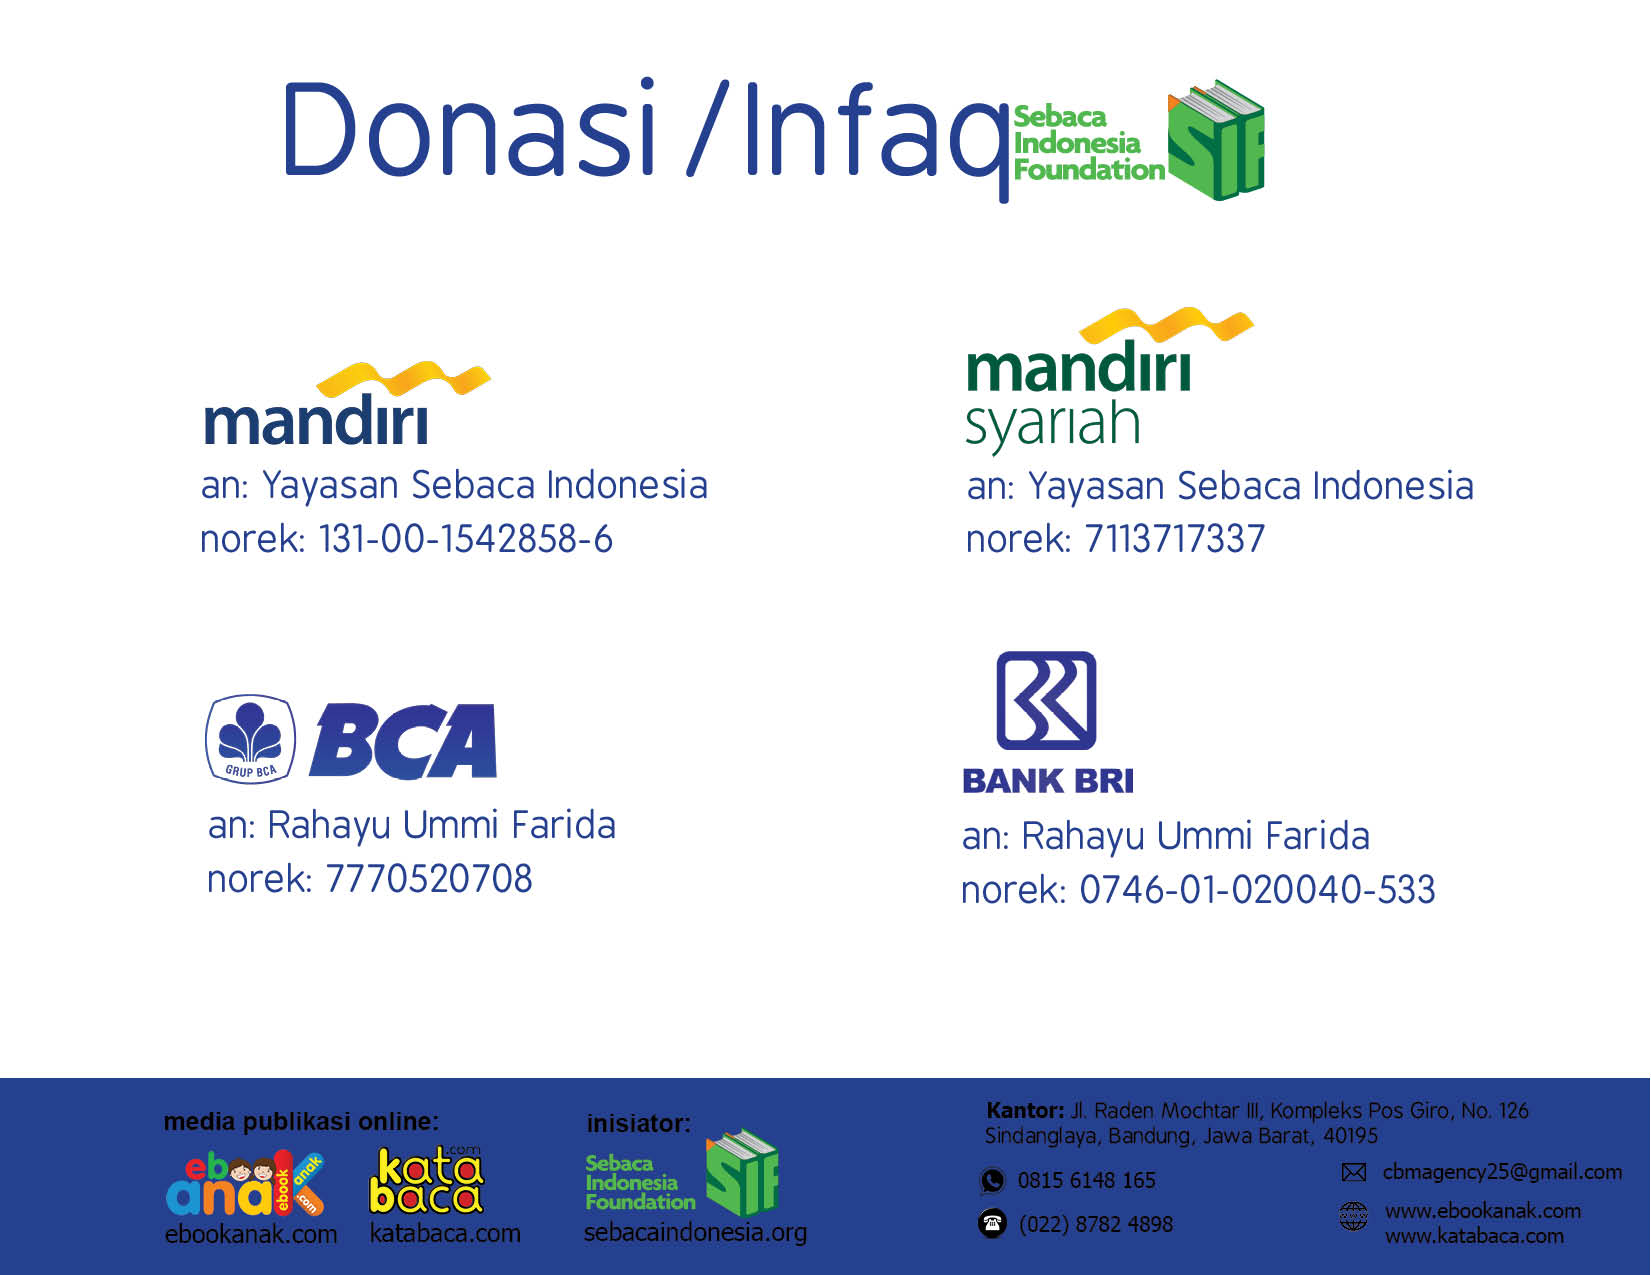 nomor rekening donasi yayasan sebaca indonesia